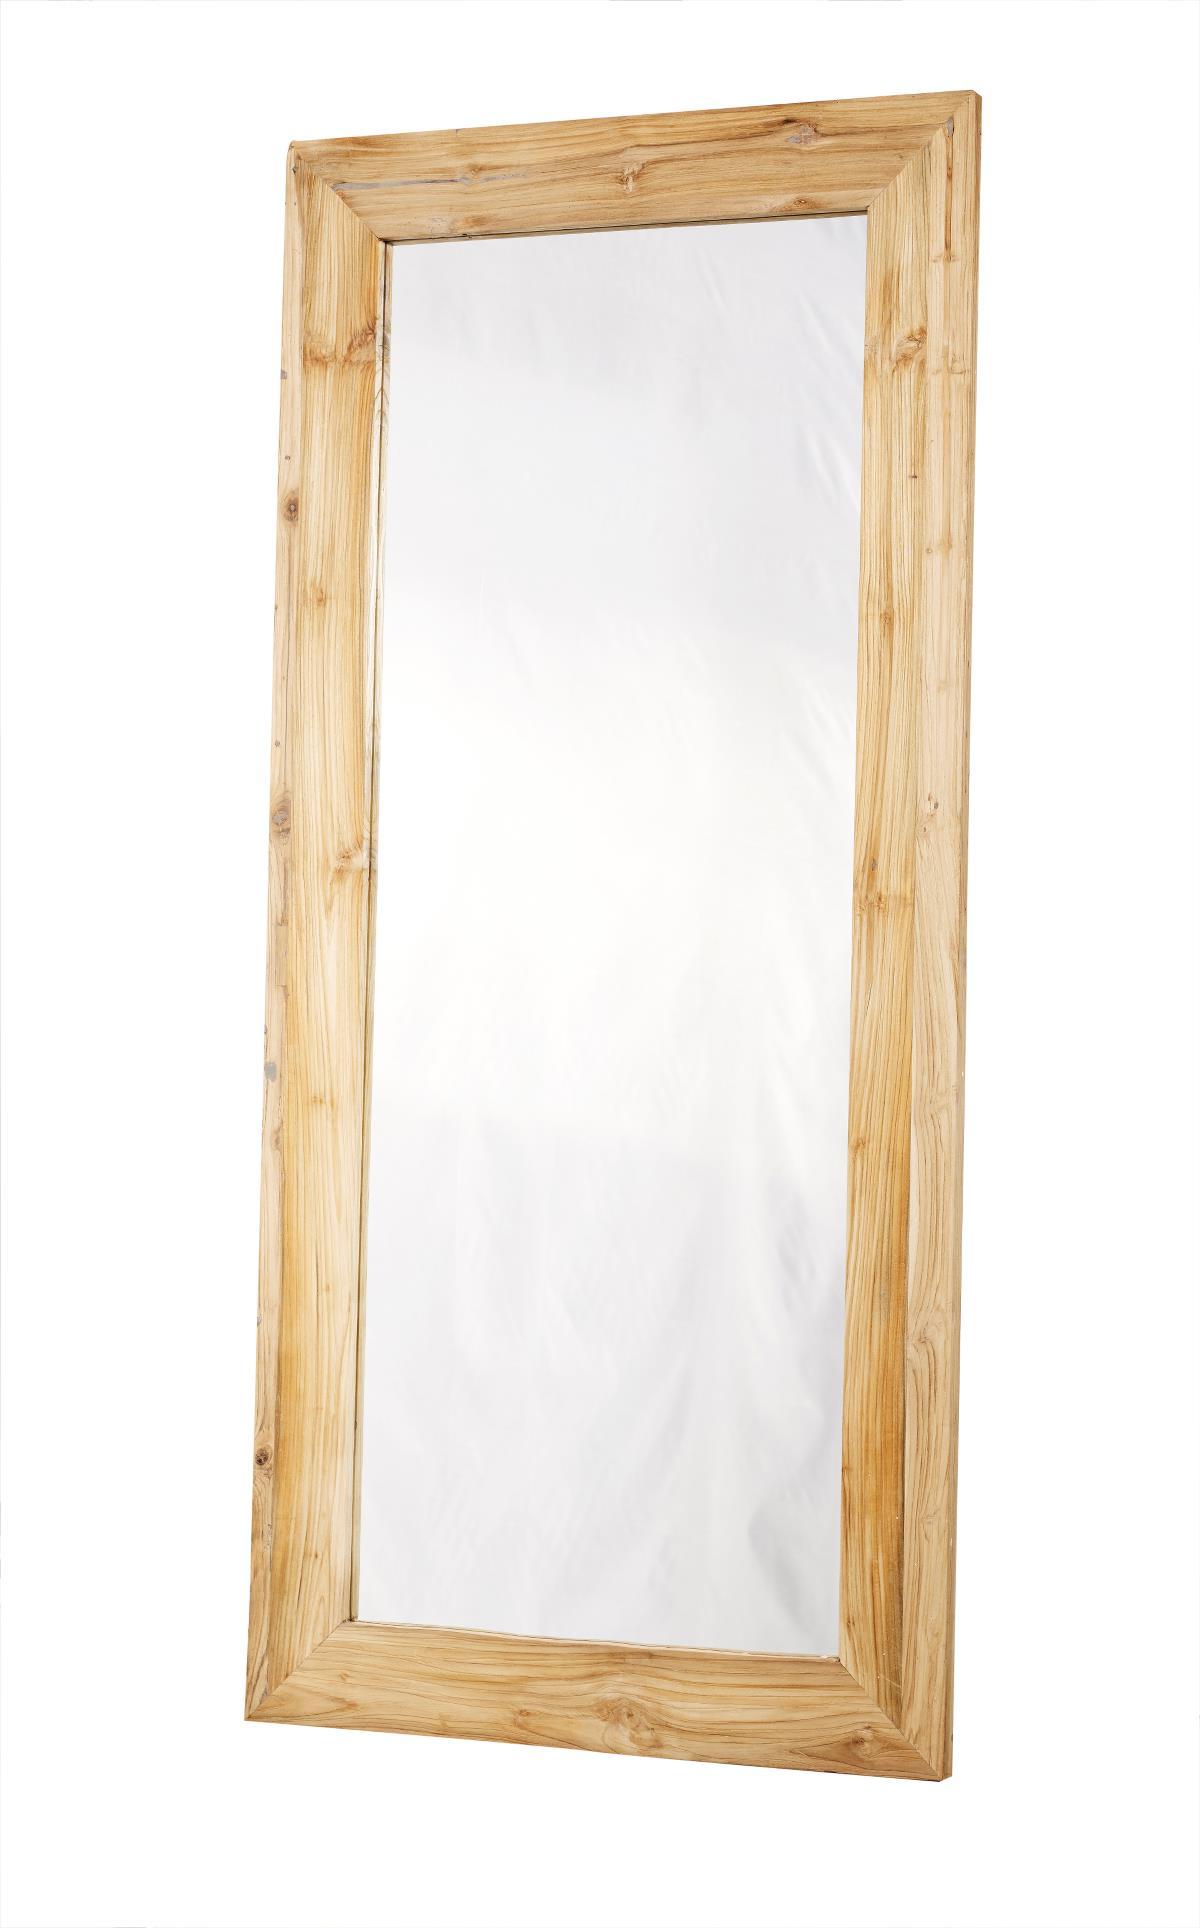 Muubs spegel med träram